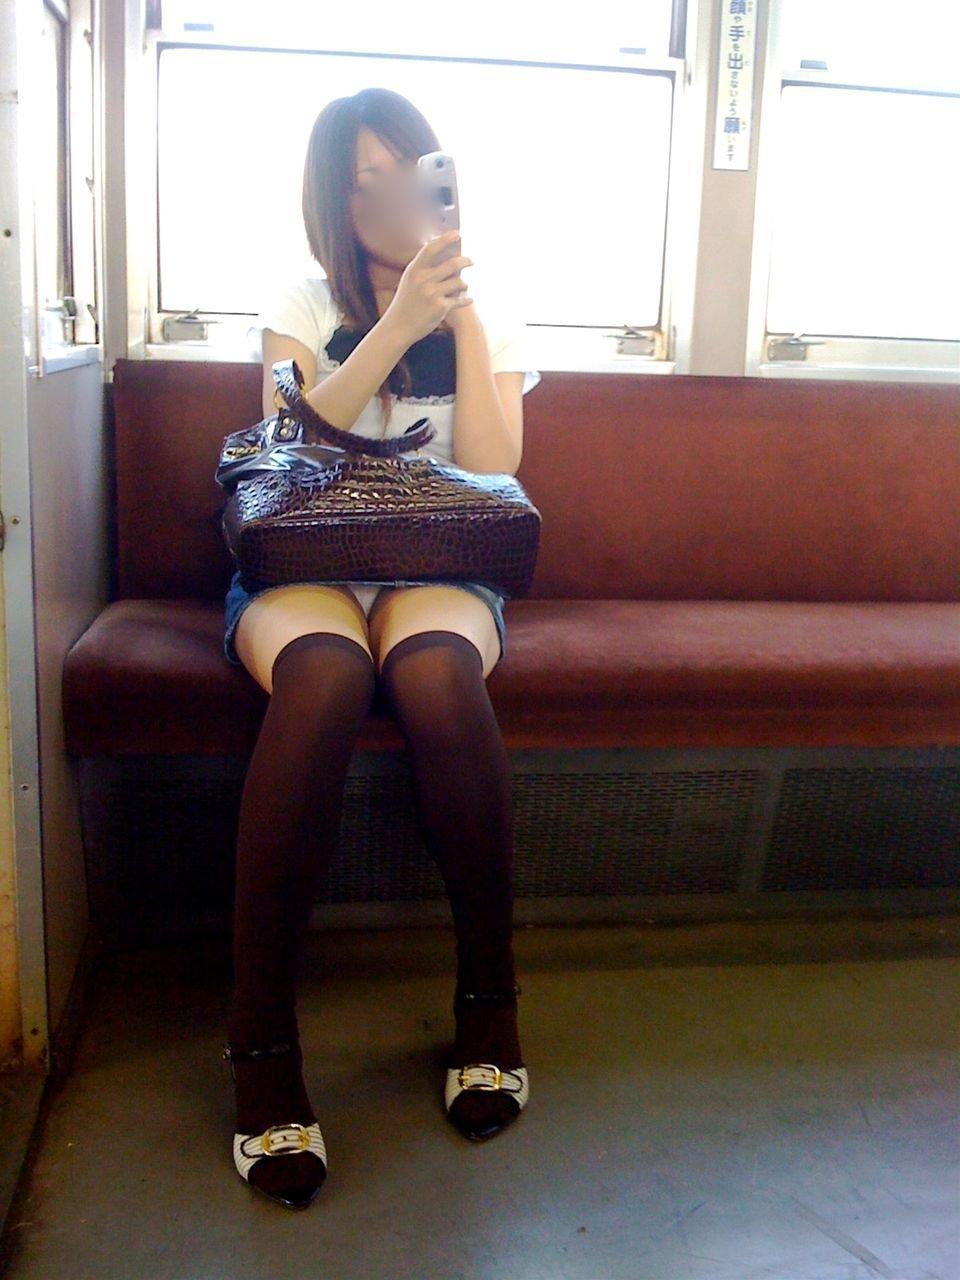 電車内でパンチラしてる (17)